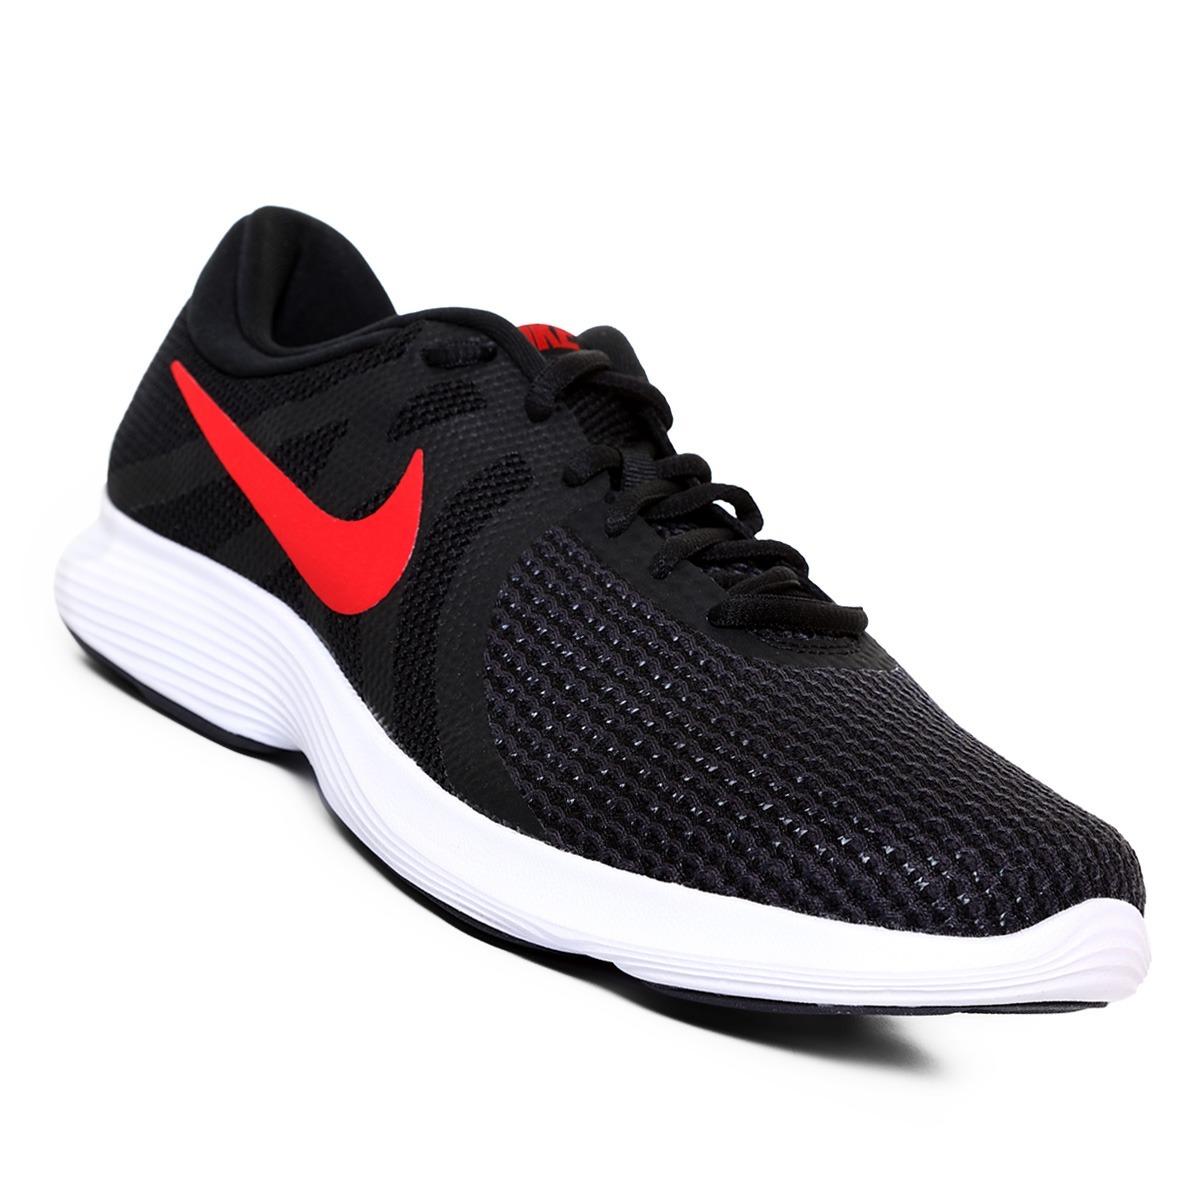 bb249dcac4b Zapatillas Nike Revolution 4 Running Deportivas Envíos - $ 2.699,00 ...